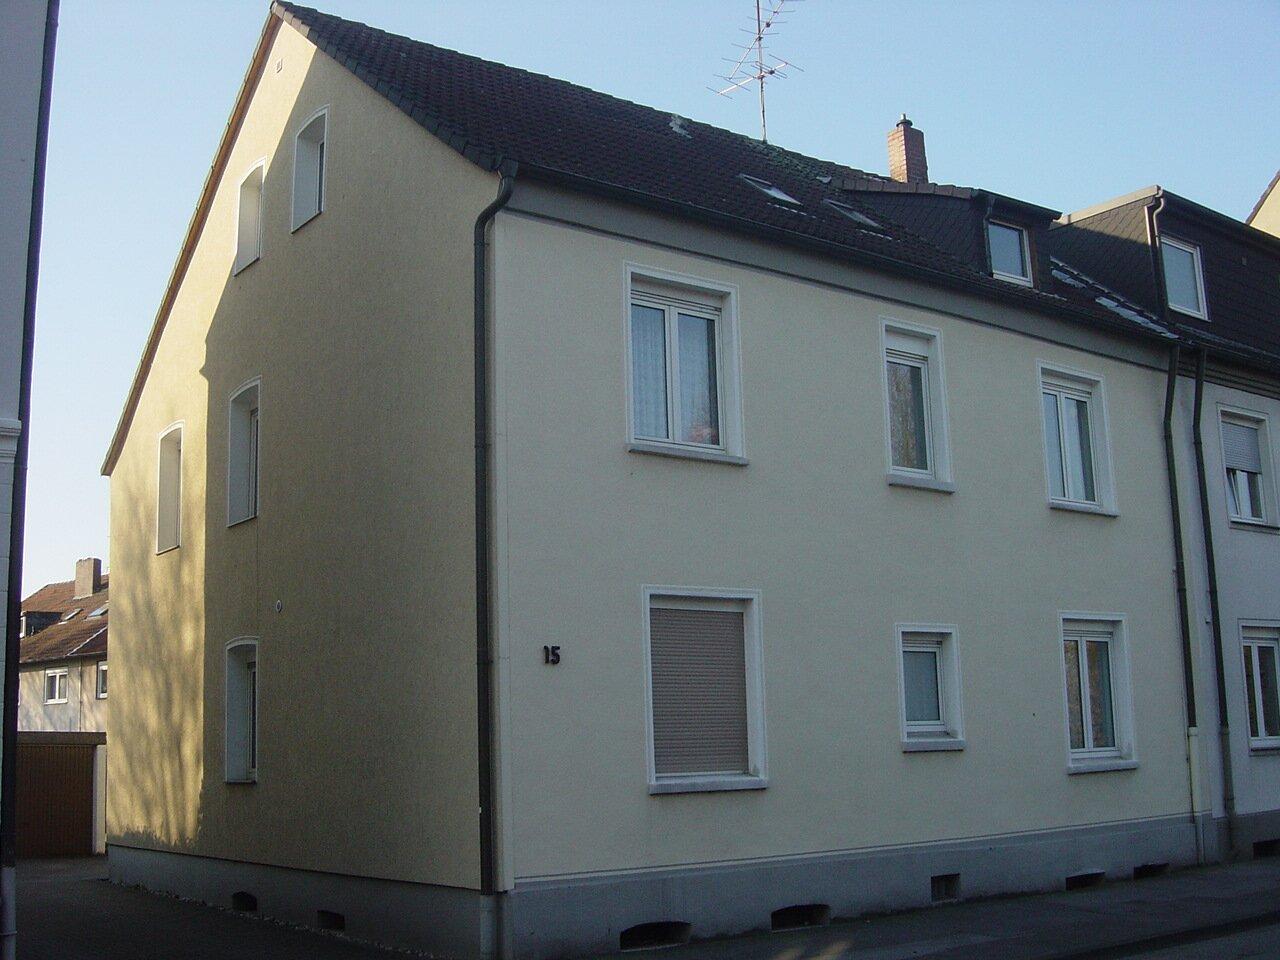 ferienwohnung elke in gelsenkirchen nordrhein westfalen marlies urban. Black Bedroom Furniture Sets. Home Design Ideas